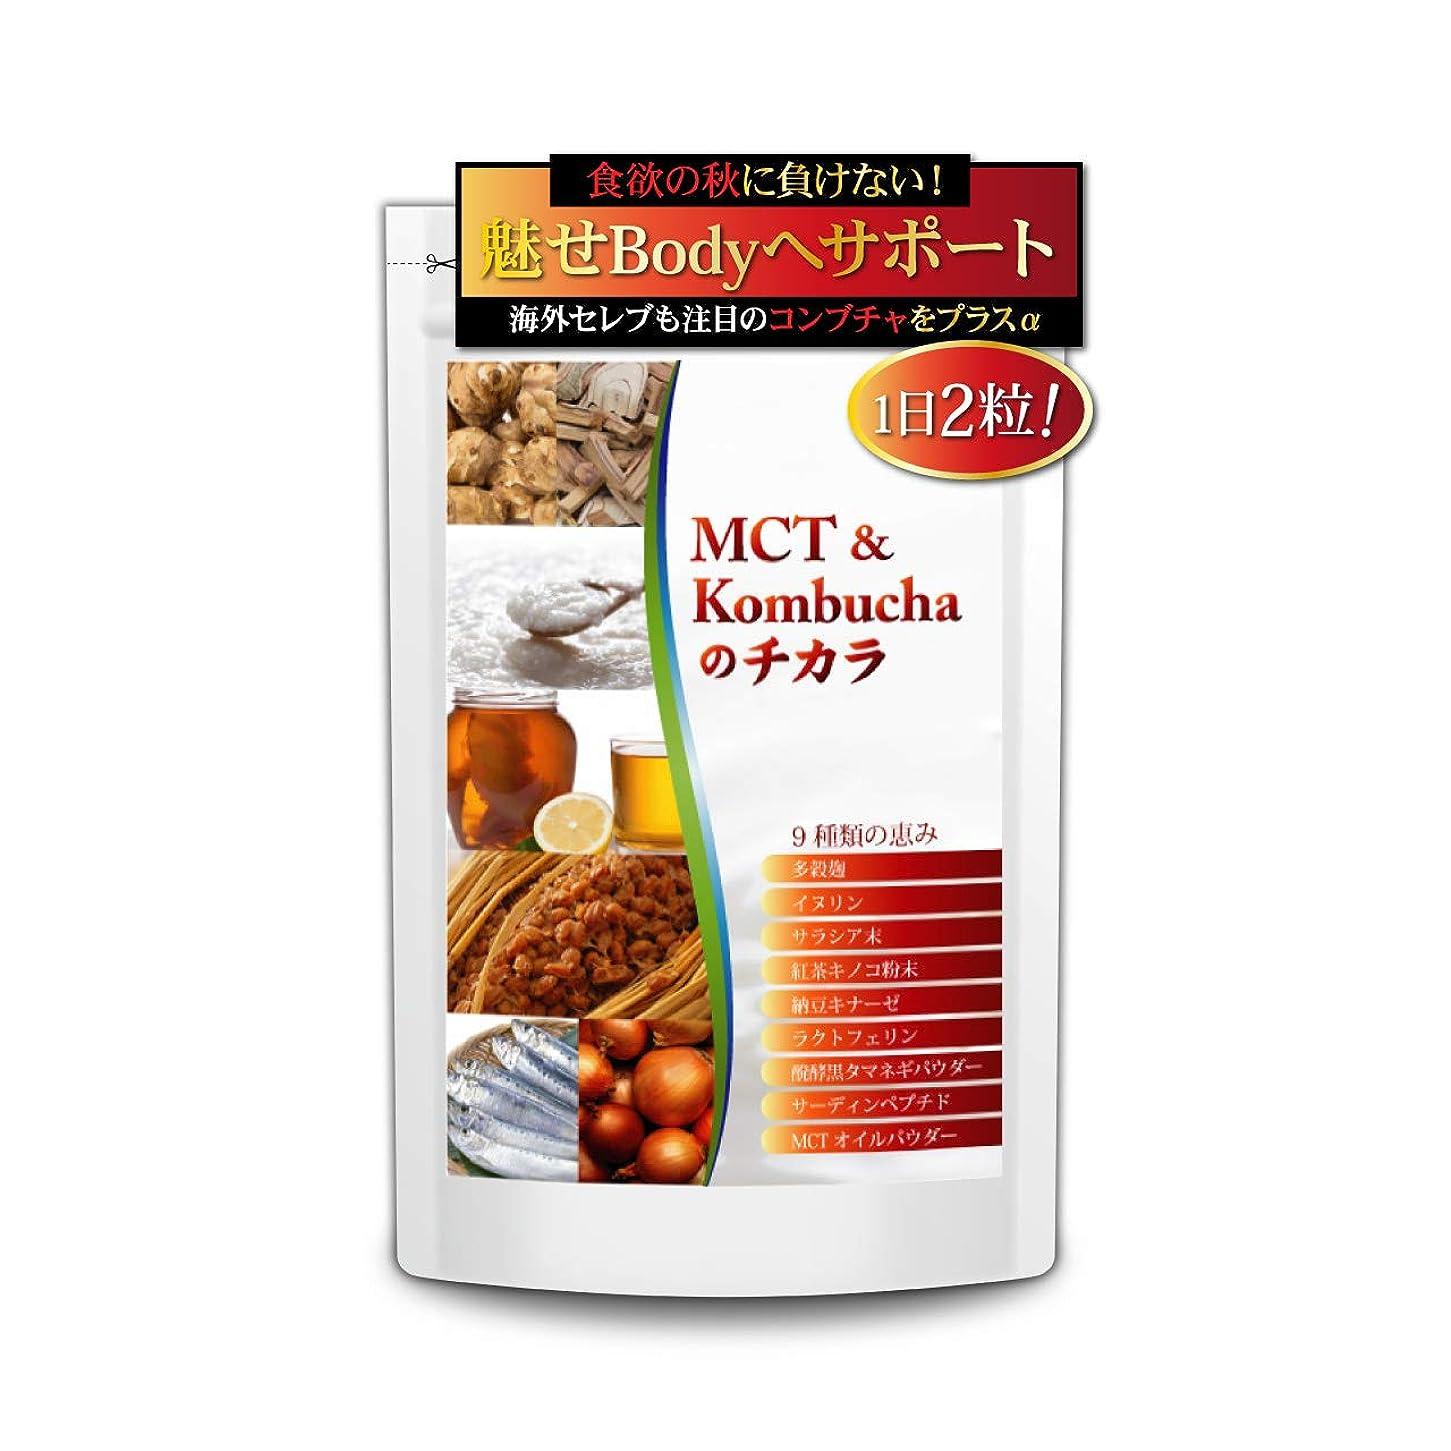 ドリル性別機転MCT&Kombuchaのチカラ コンブチャ 麹 MCTオイル ダイエット サプリメント 60粒?約30日分